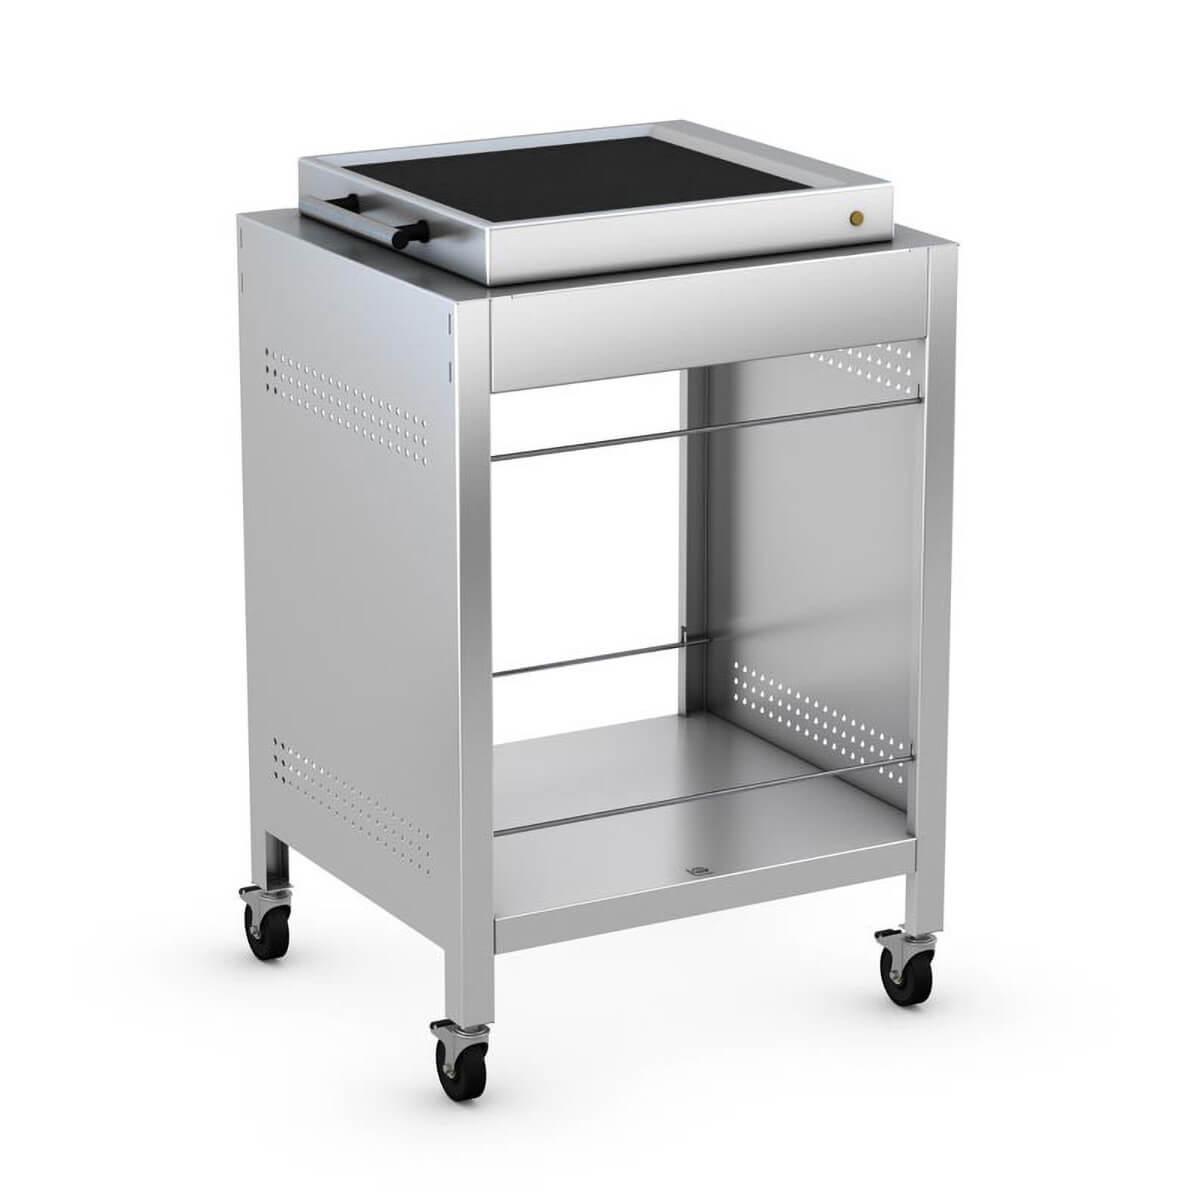 Heibi Outdoorküchen LeMax II Elektrogrill mit Küchen-Modul 51257-072+800014